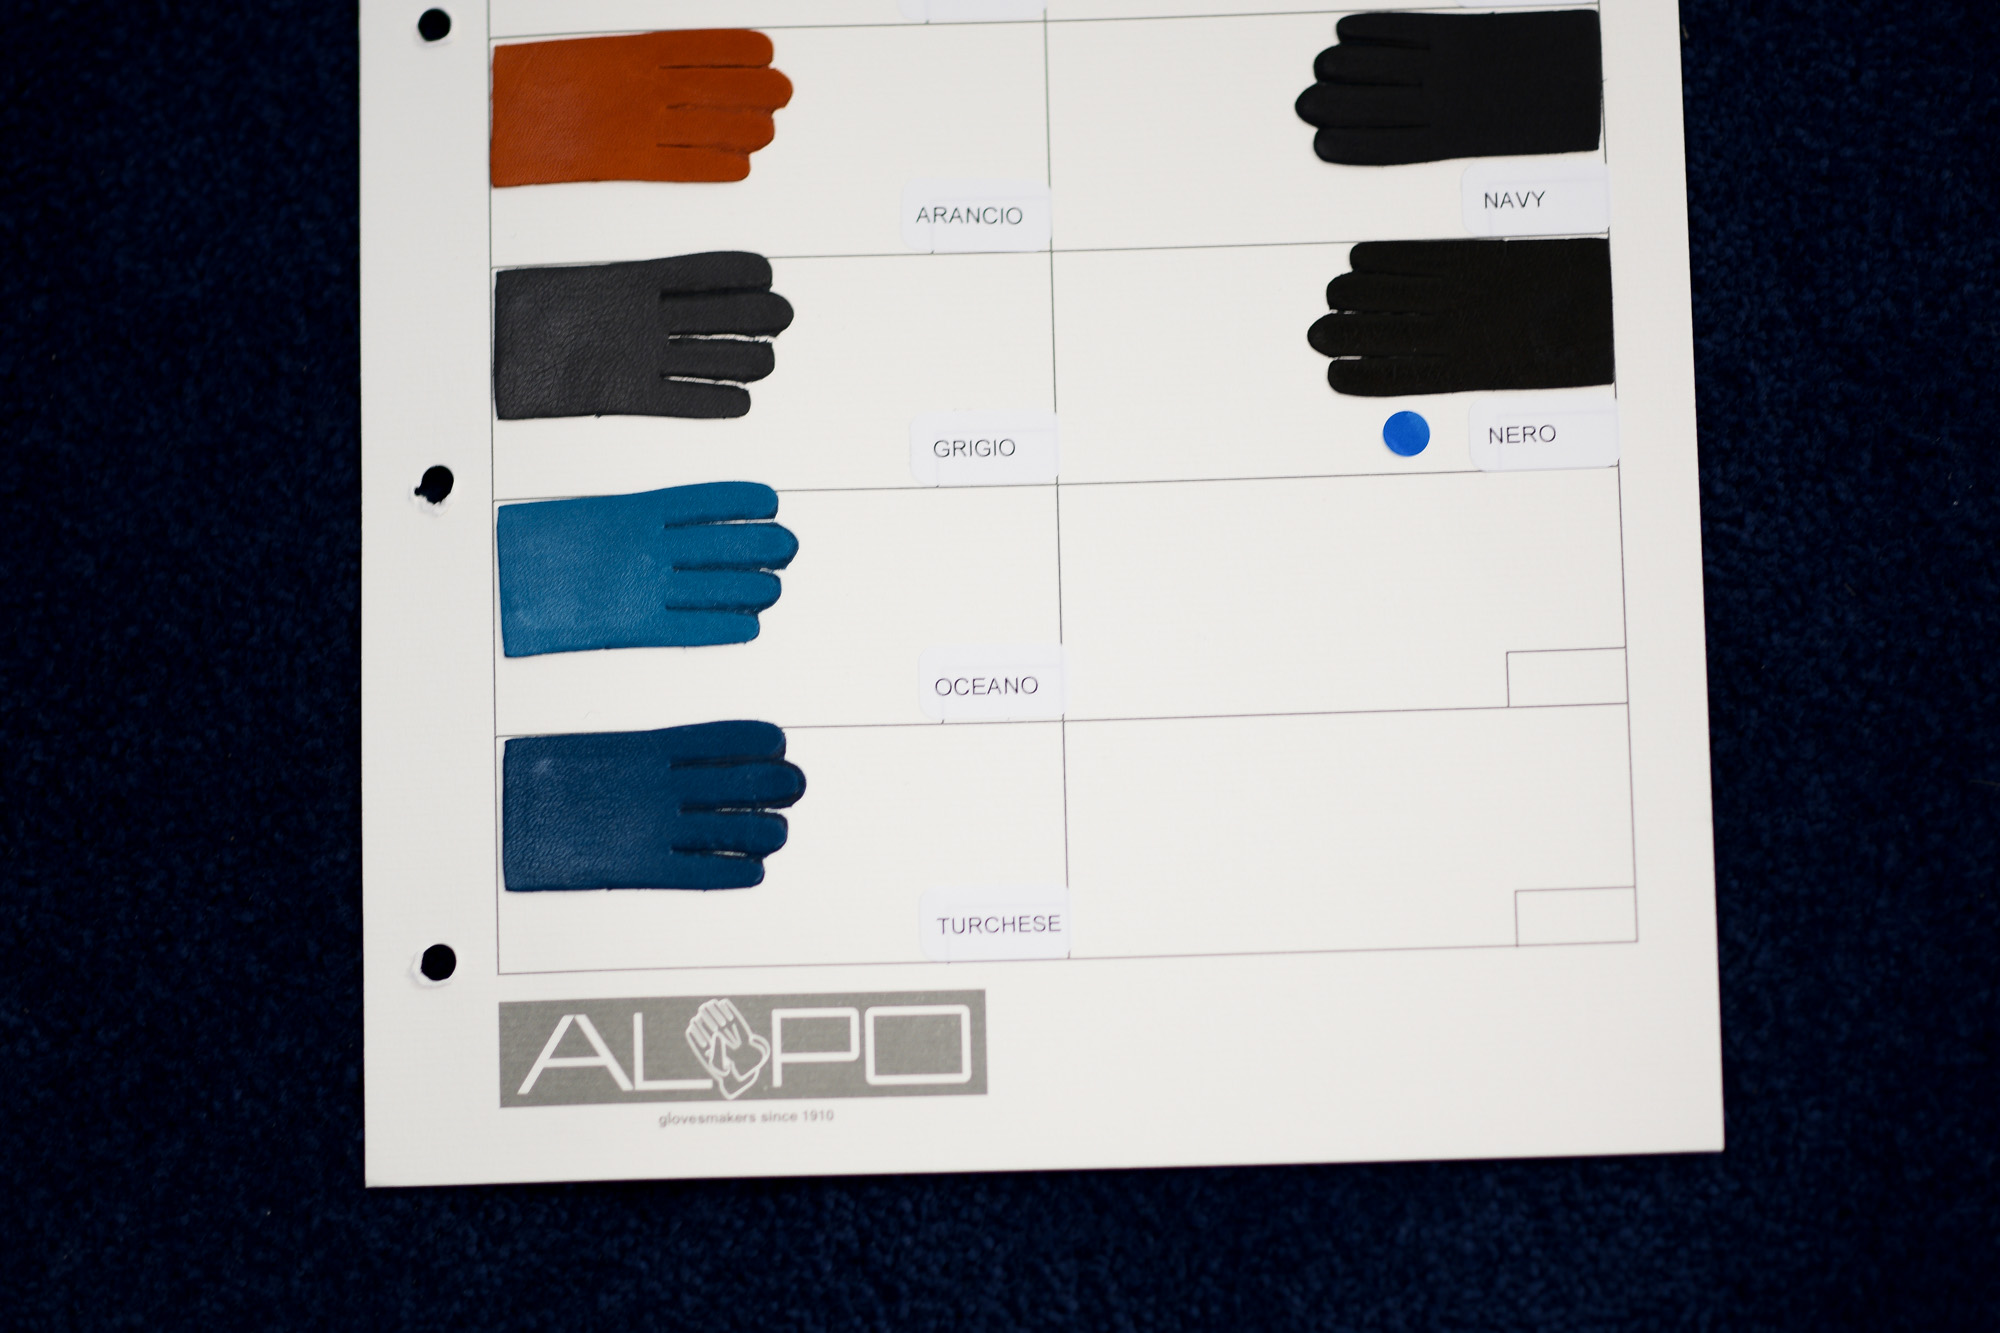 ALPO / アルポ 2020 秋冬 メイン 展示会 レザーグローブ Nappa Leather ナッパレザー COGNAC ミディアムブラウン CONER ダークブラウン NERO ブラック 6 1/2 7 7 1/2 8 8 1/2 愛知 名古屋 Alto e Diritto アルトエデリット